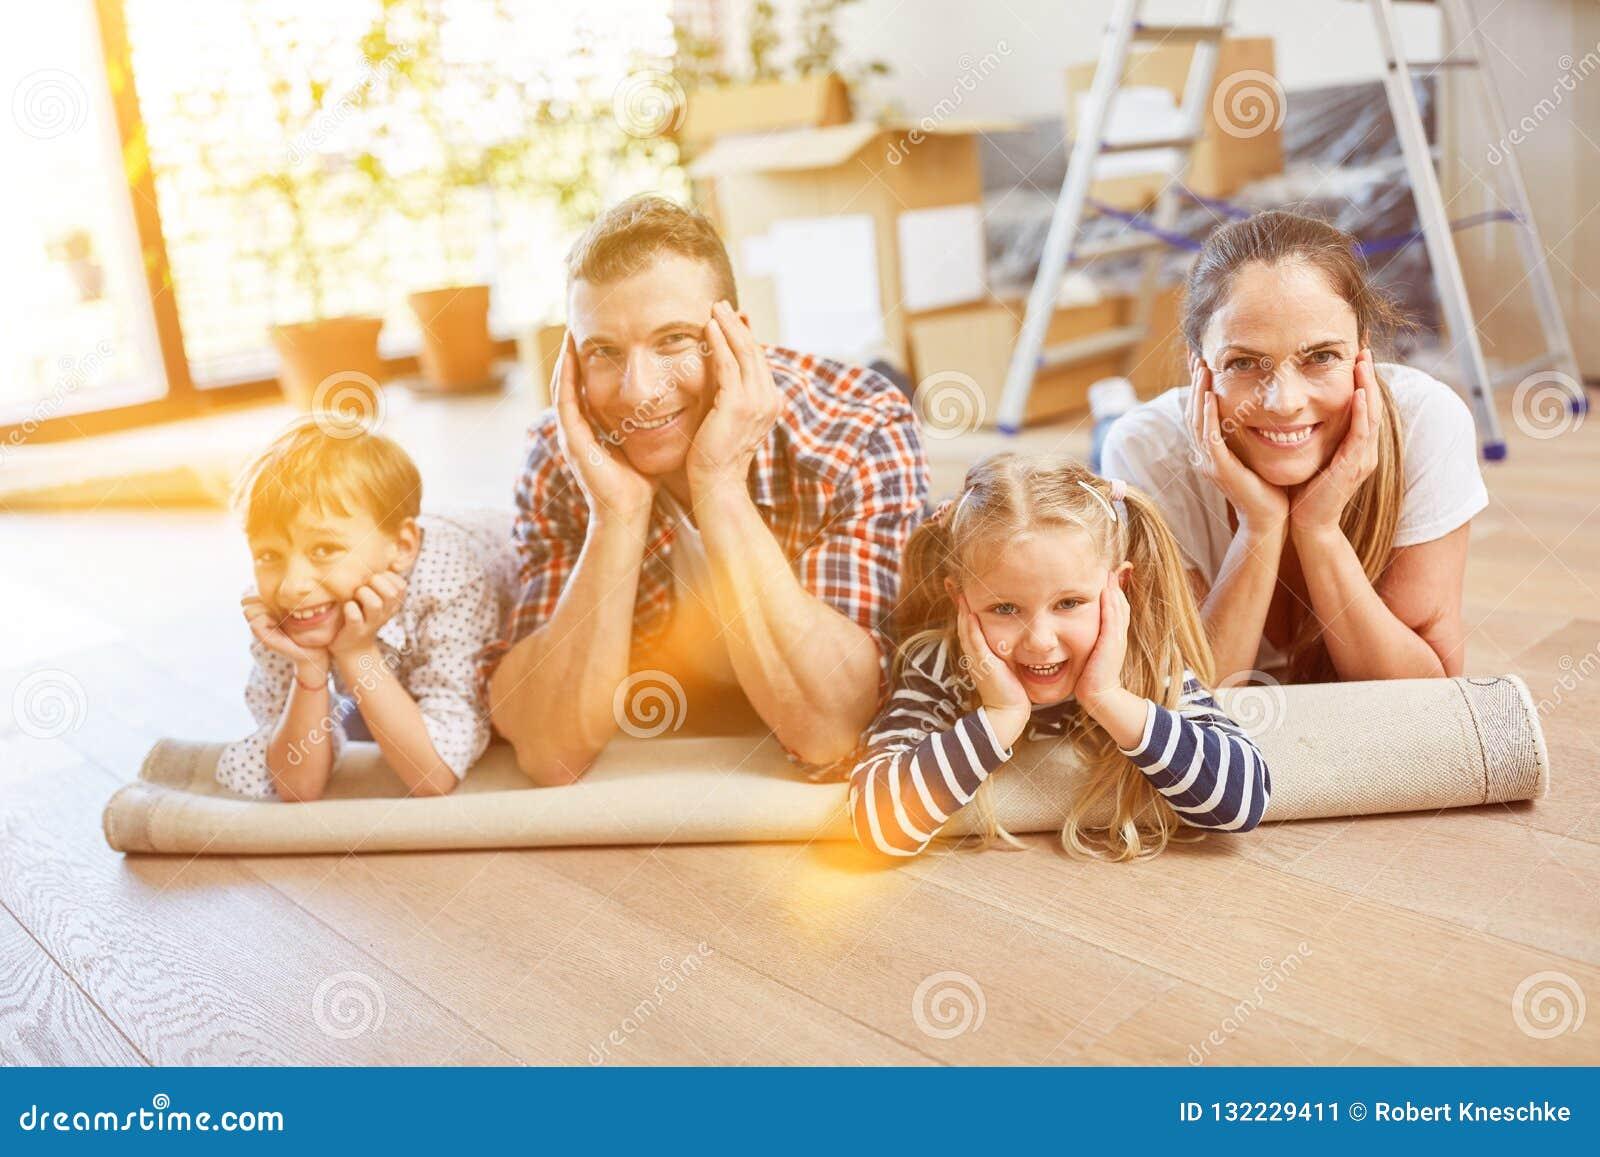 Familie met kinderen die zich aan hun eigen huis bewegen